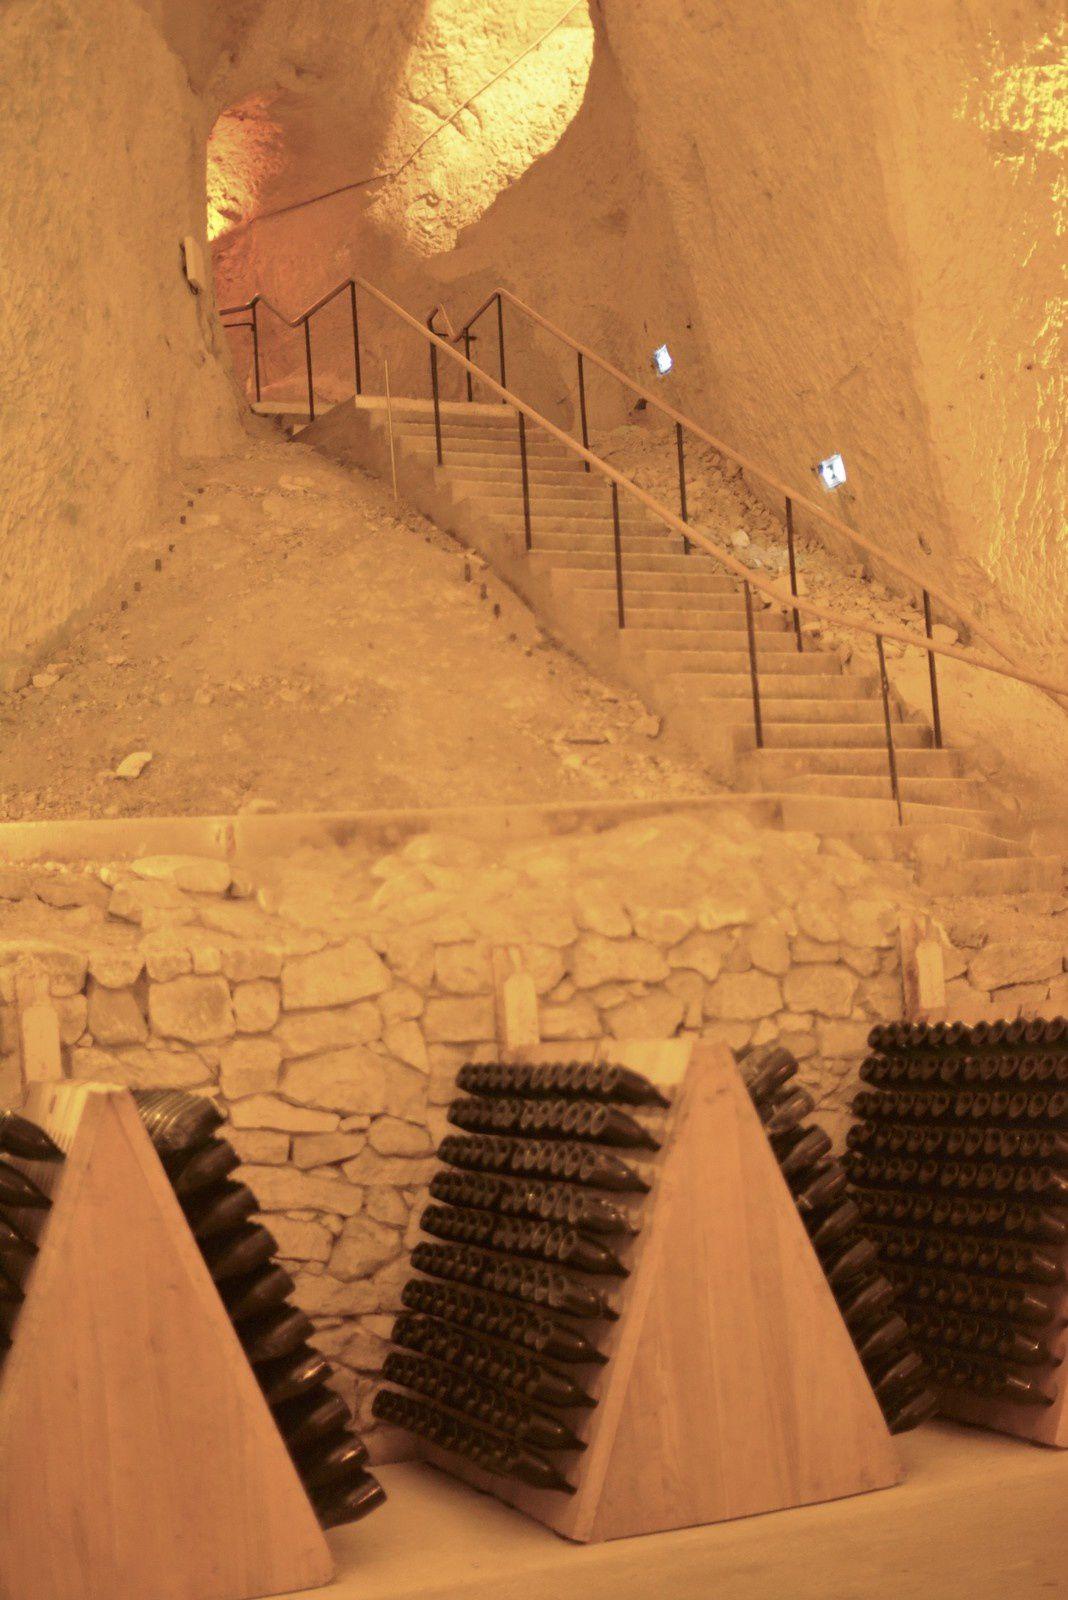 Dans la fraîcheur de ces cathédrales de craie souterraines, le vin connaît une lente maturation en bouteilles. Ce sont les Crayères, caves à champagne de la Maison Ruinart.